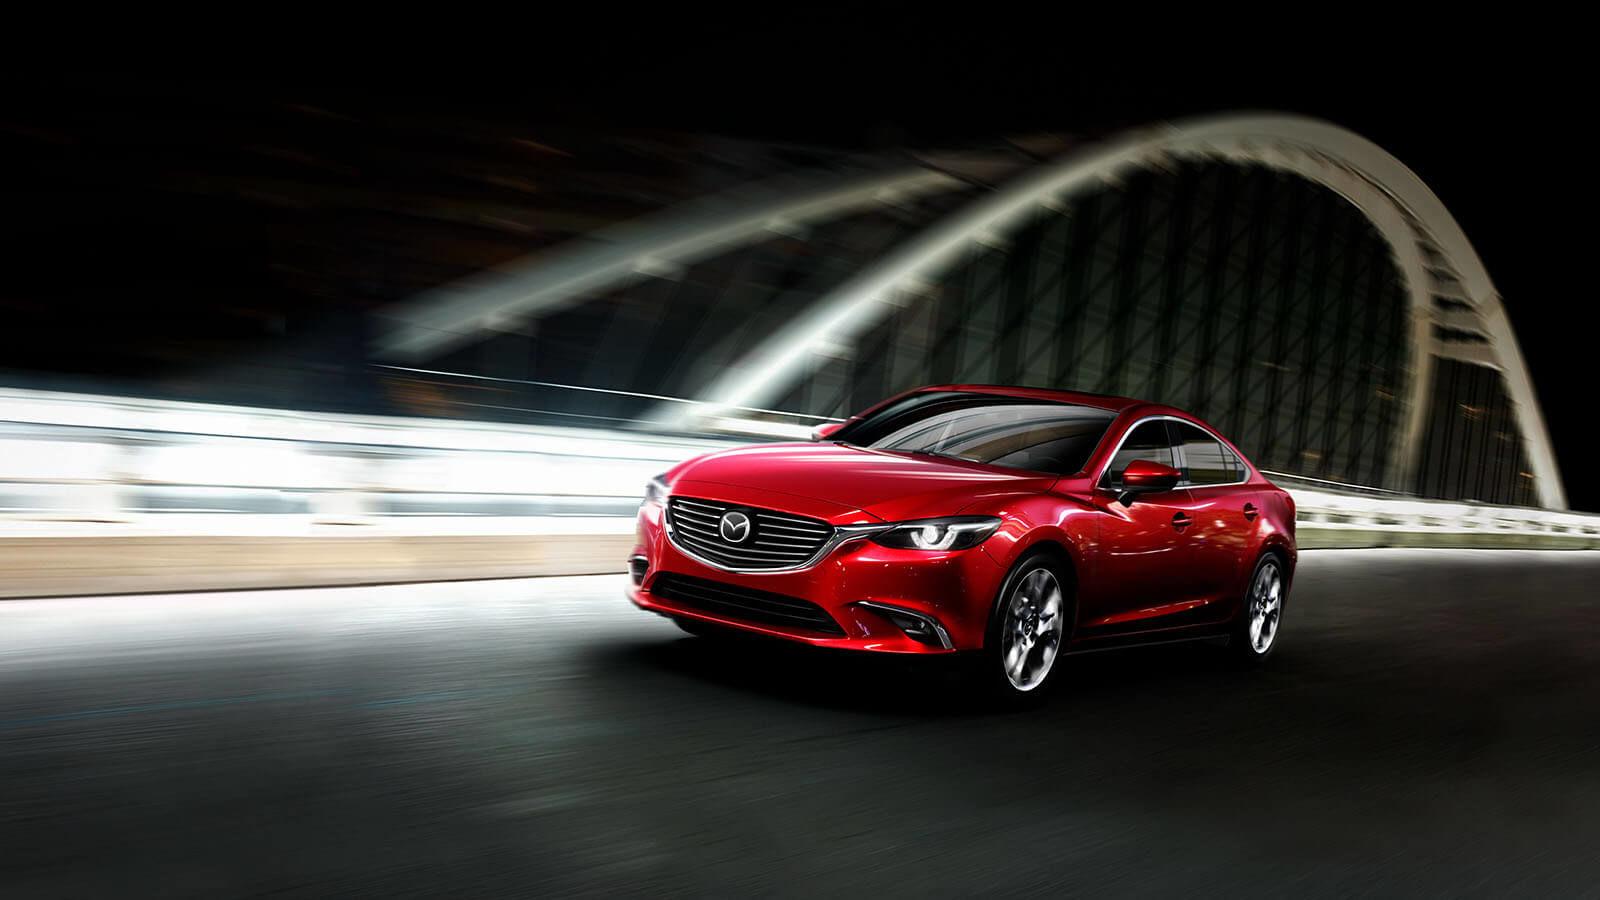 Kramer Mazda | The Kramer Mazda Sales Experience Picture 5